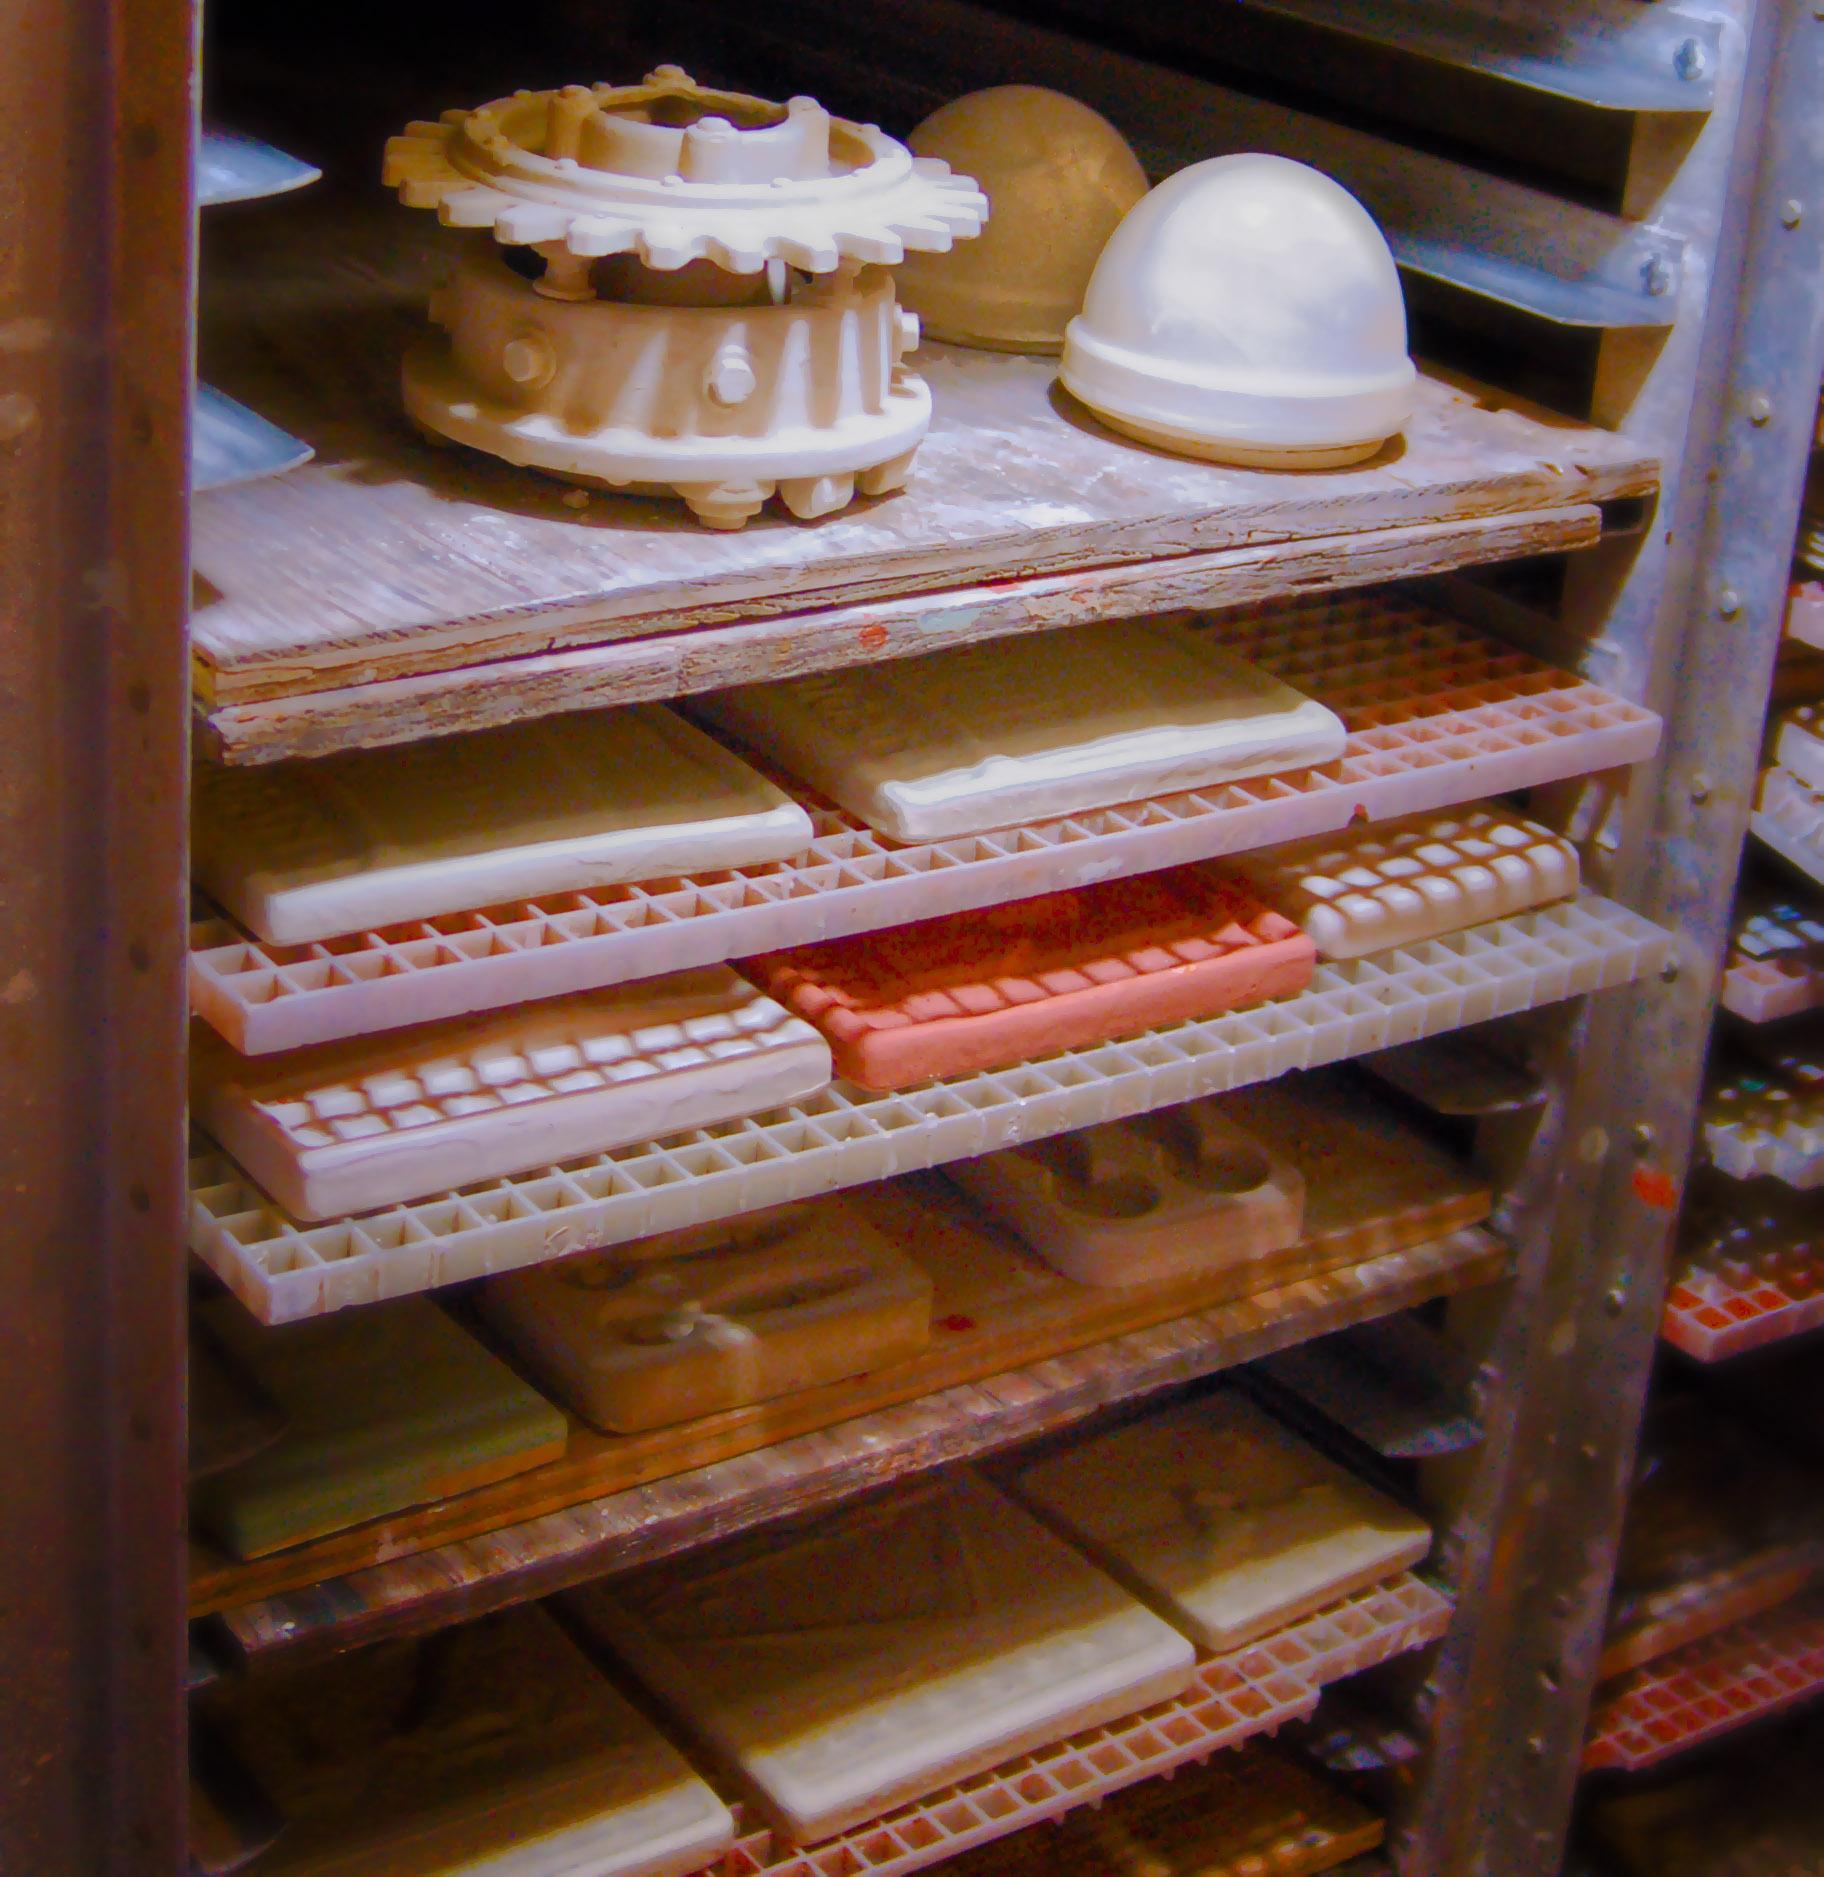 studio bakers racks.JPG